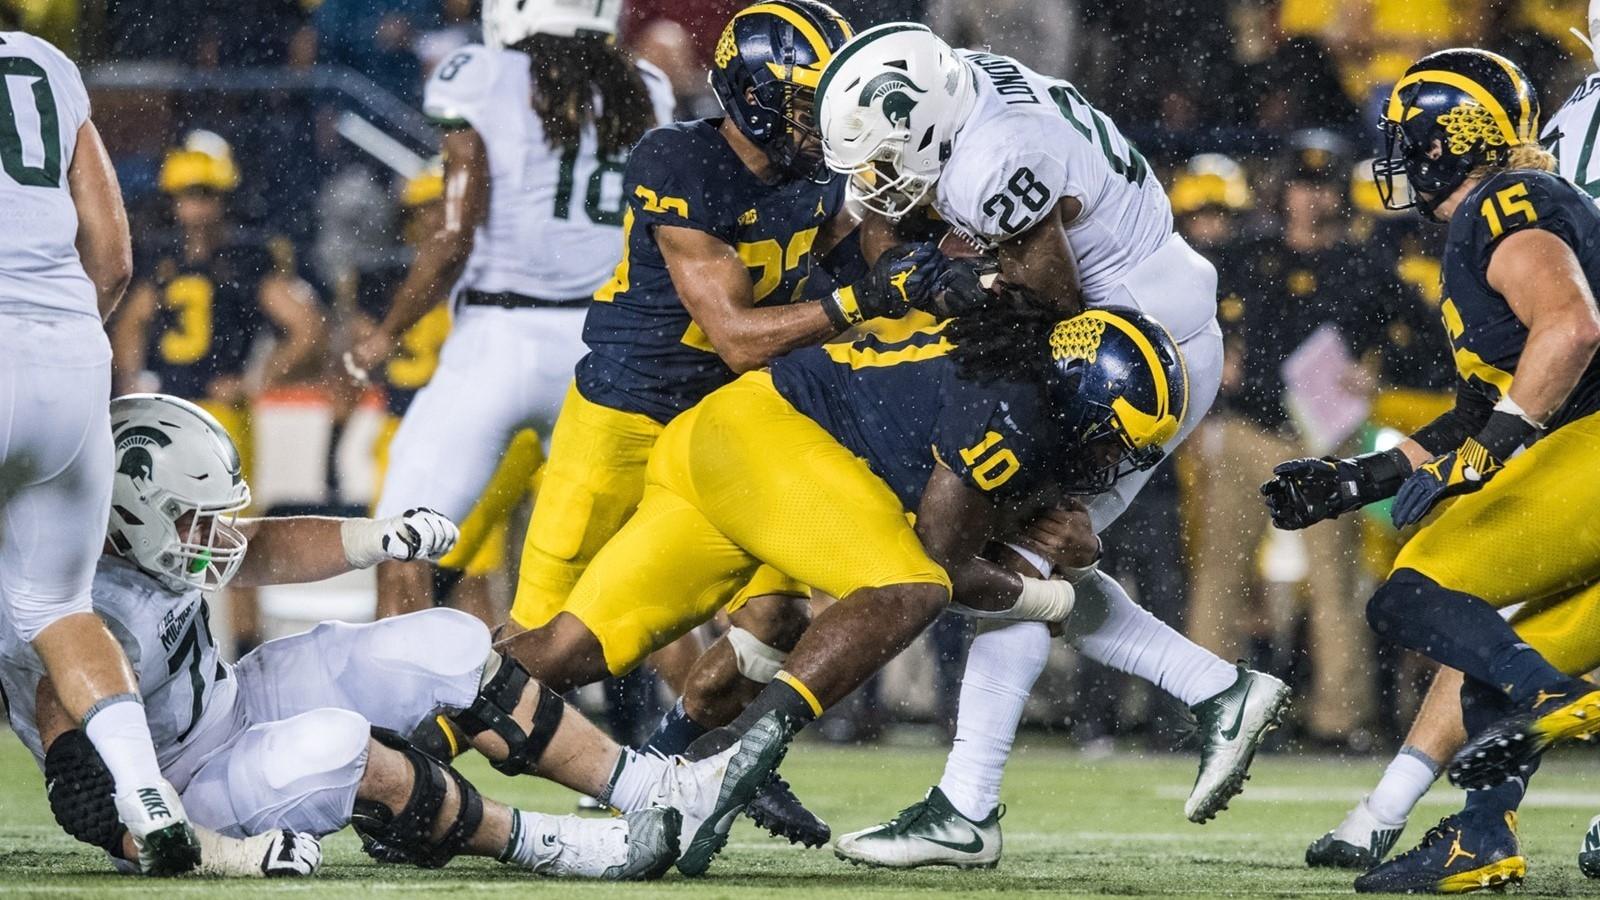 Michigan Football: Michigan State Vs Maryland Football 2017-Up Michigan 2021 Rut Predictions